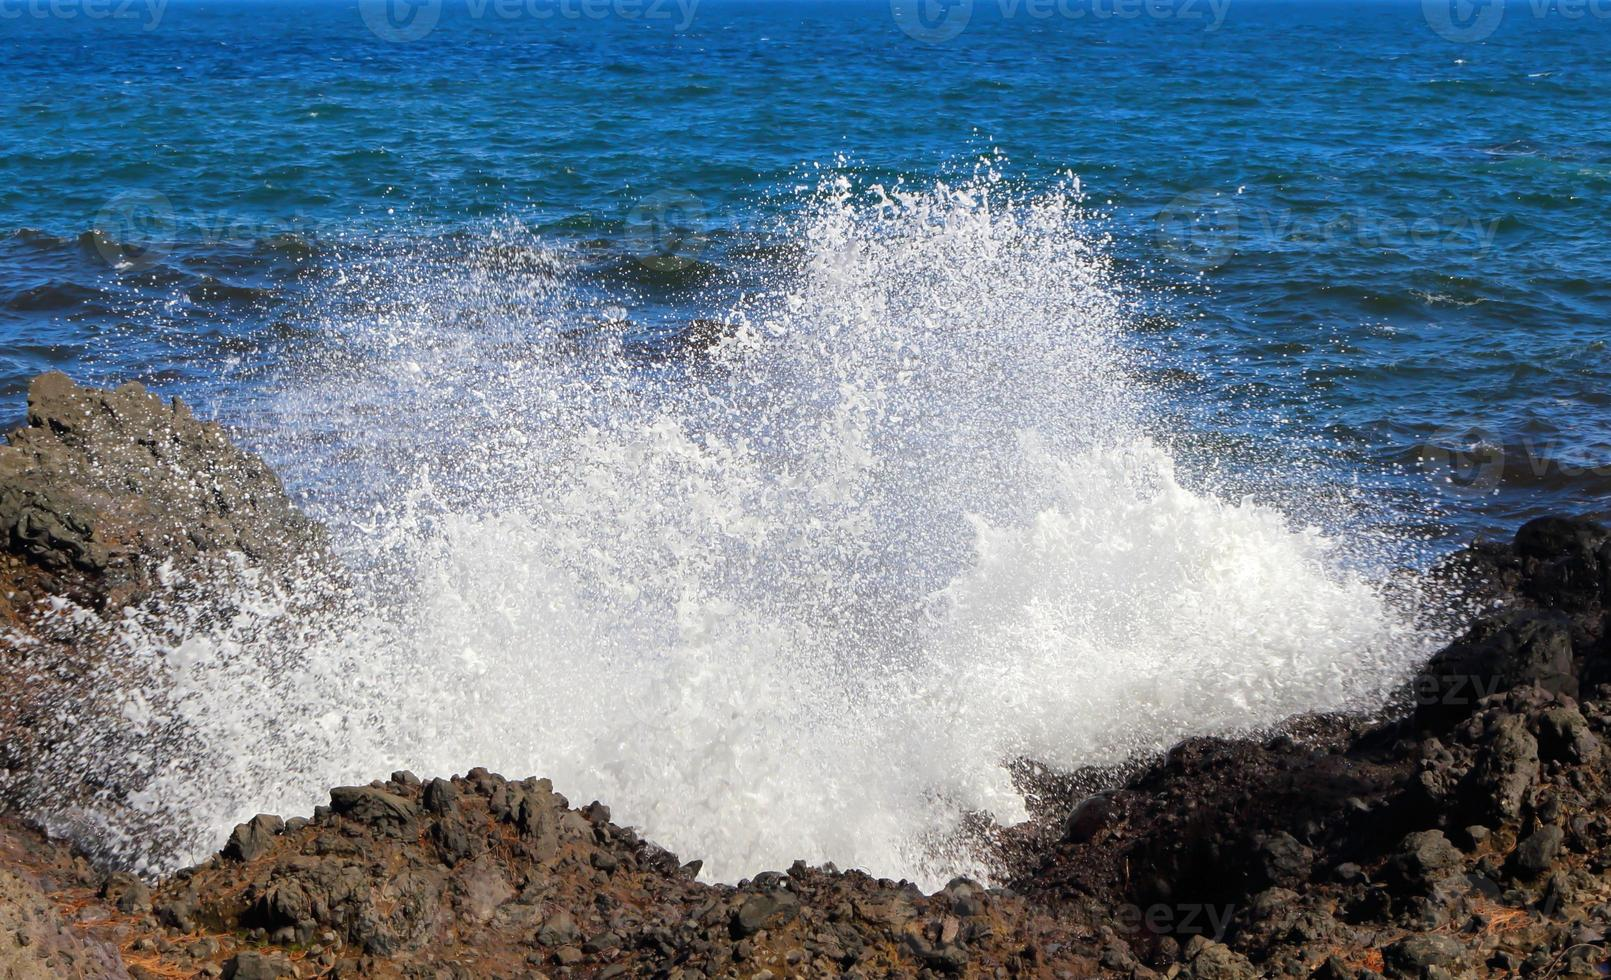 Hawaii-Welle foto